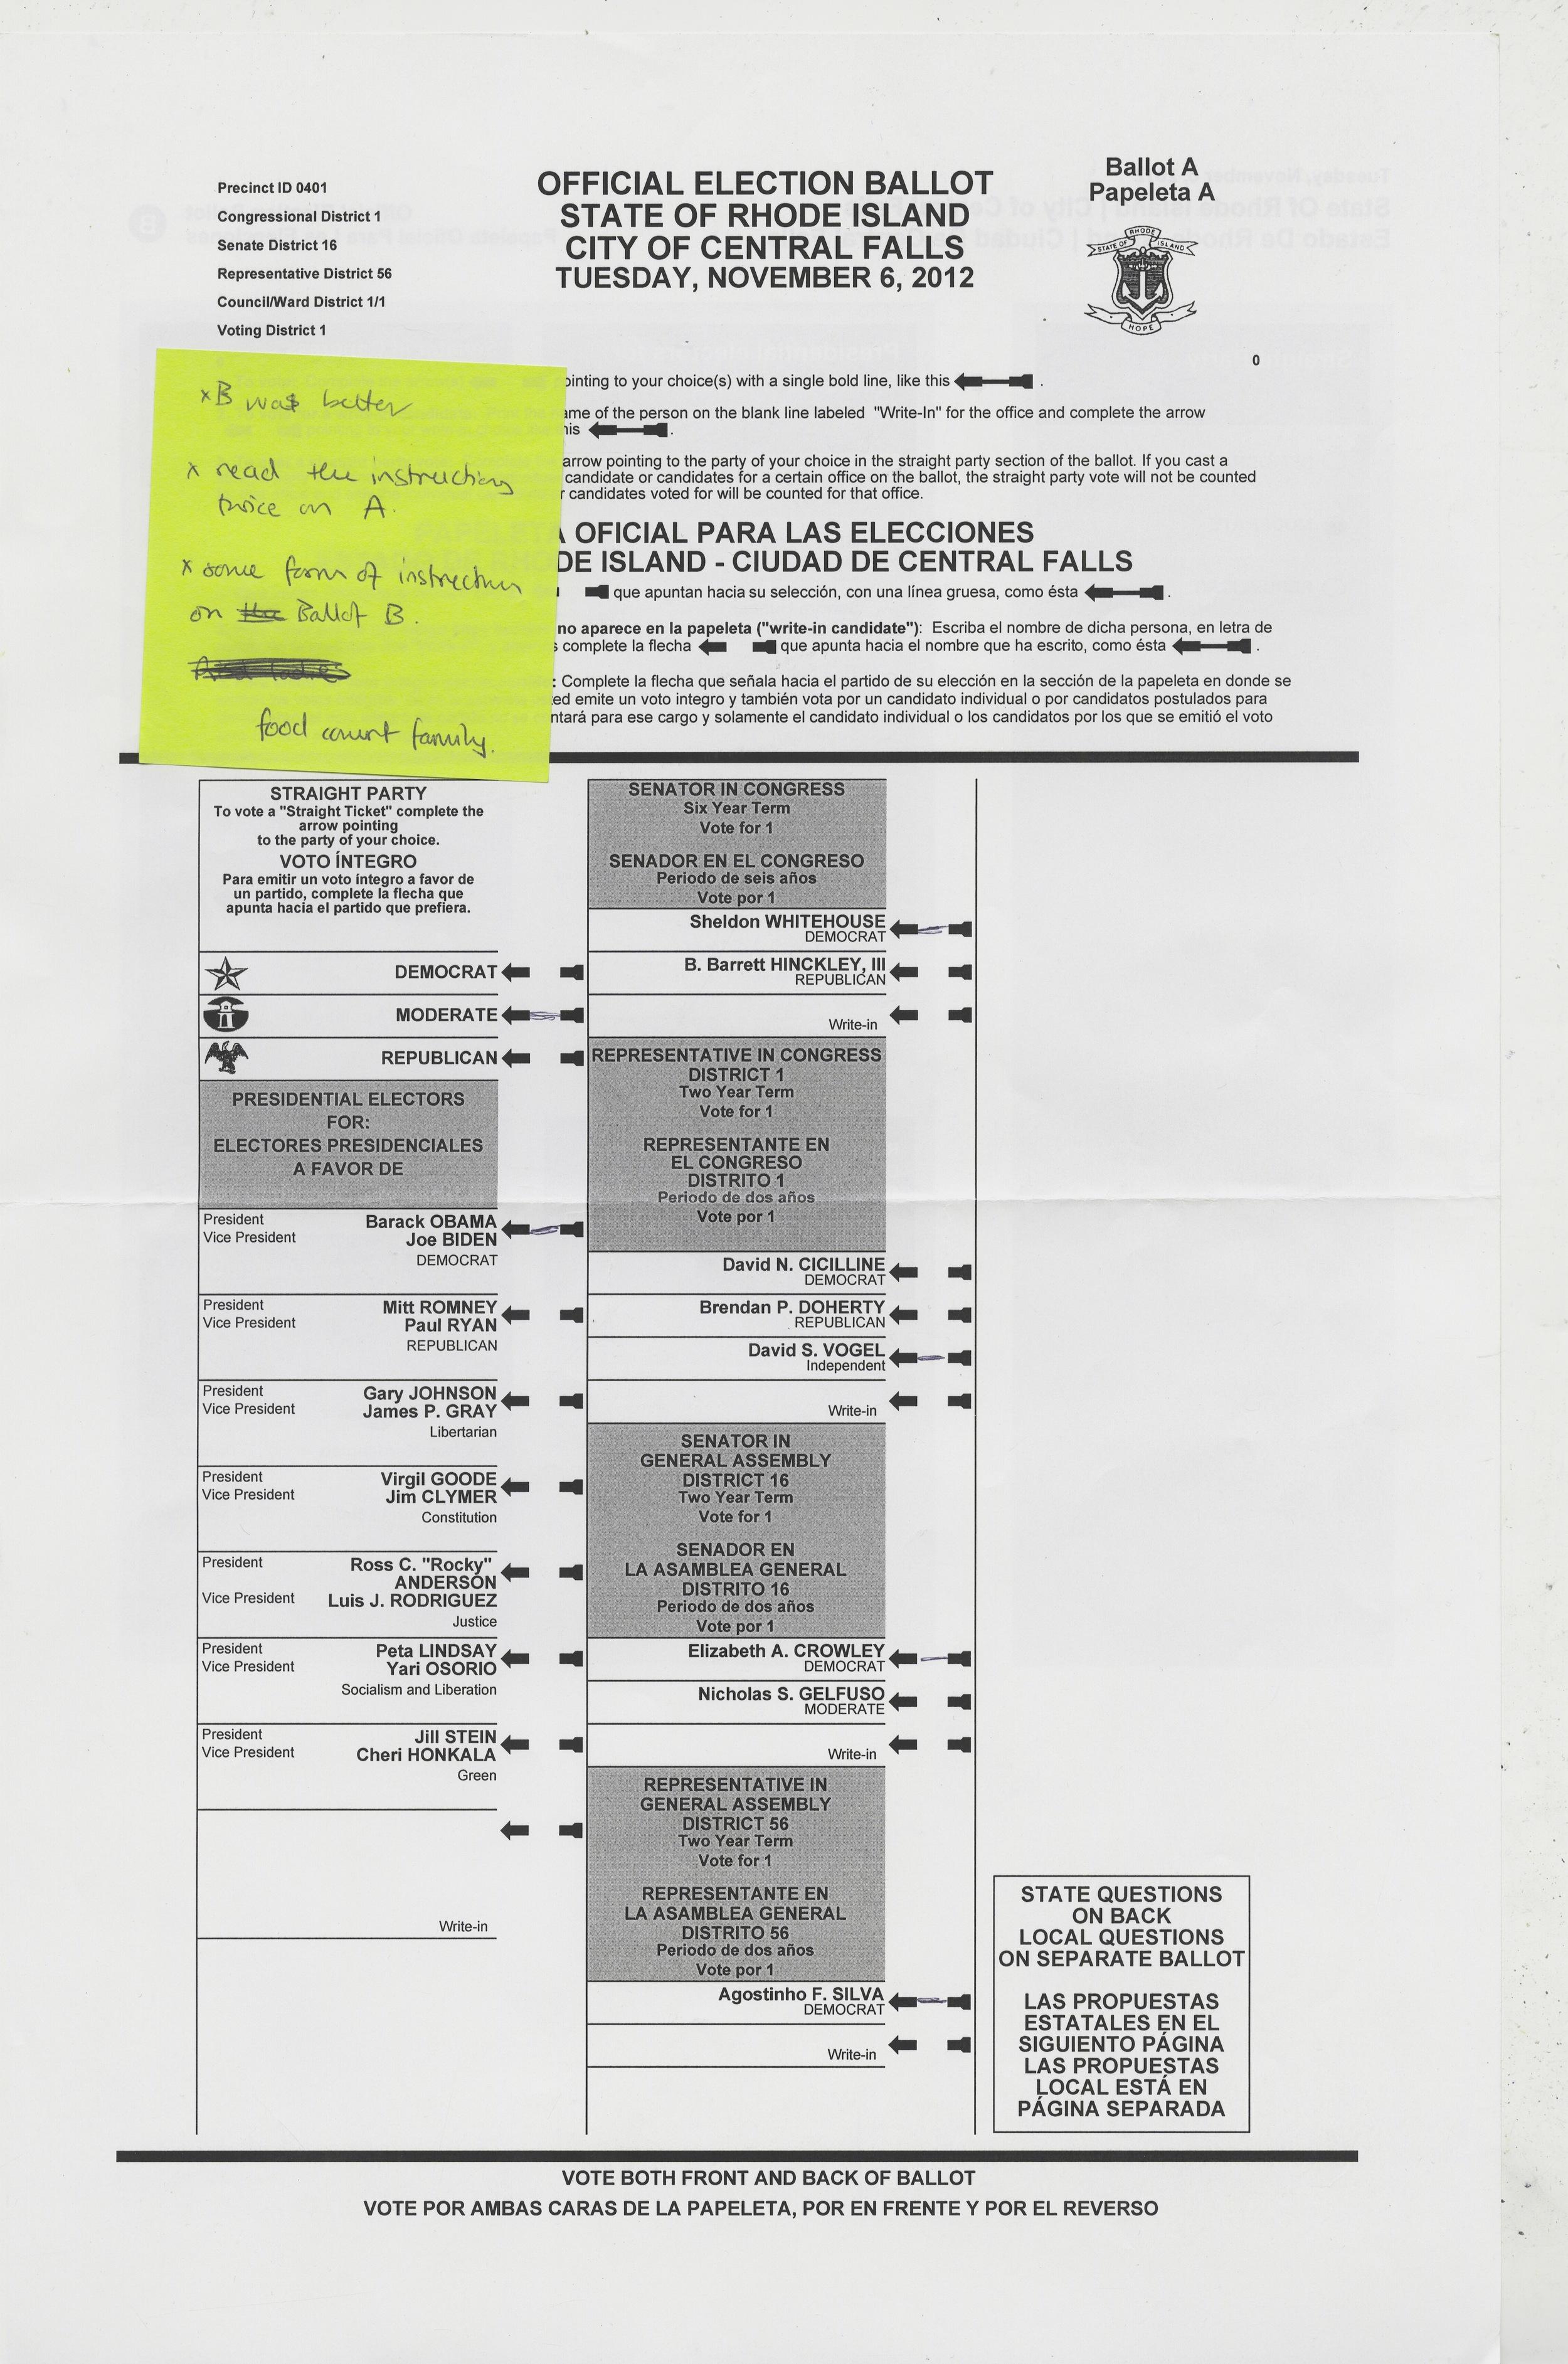 ballot_01a.jpg